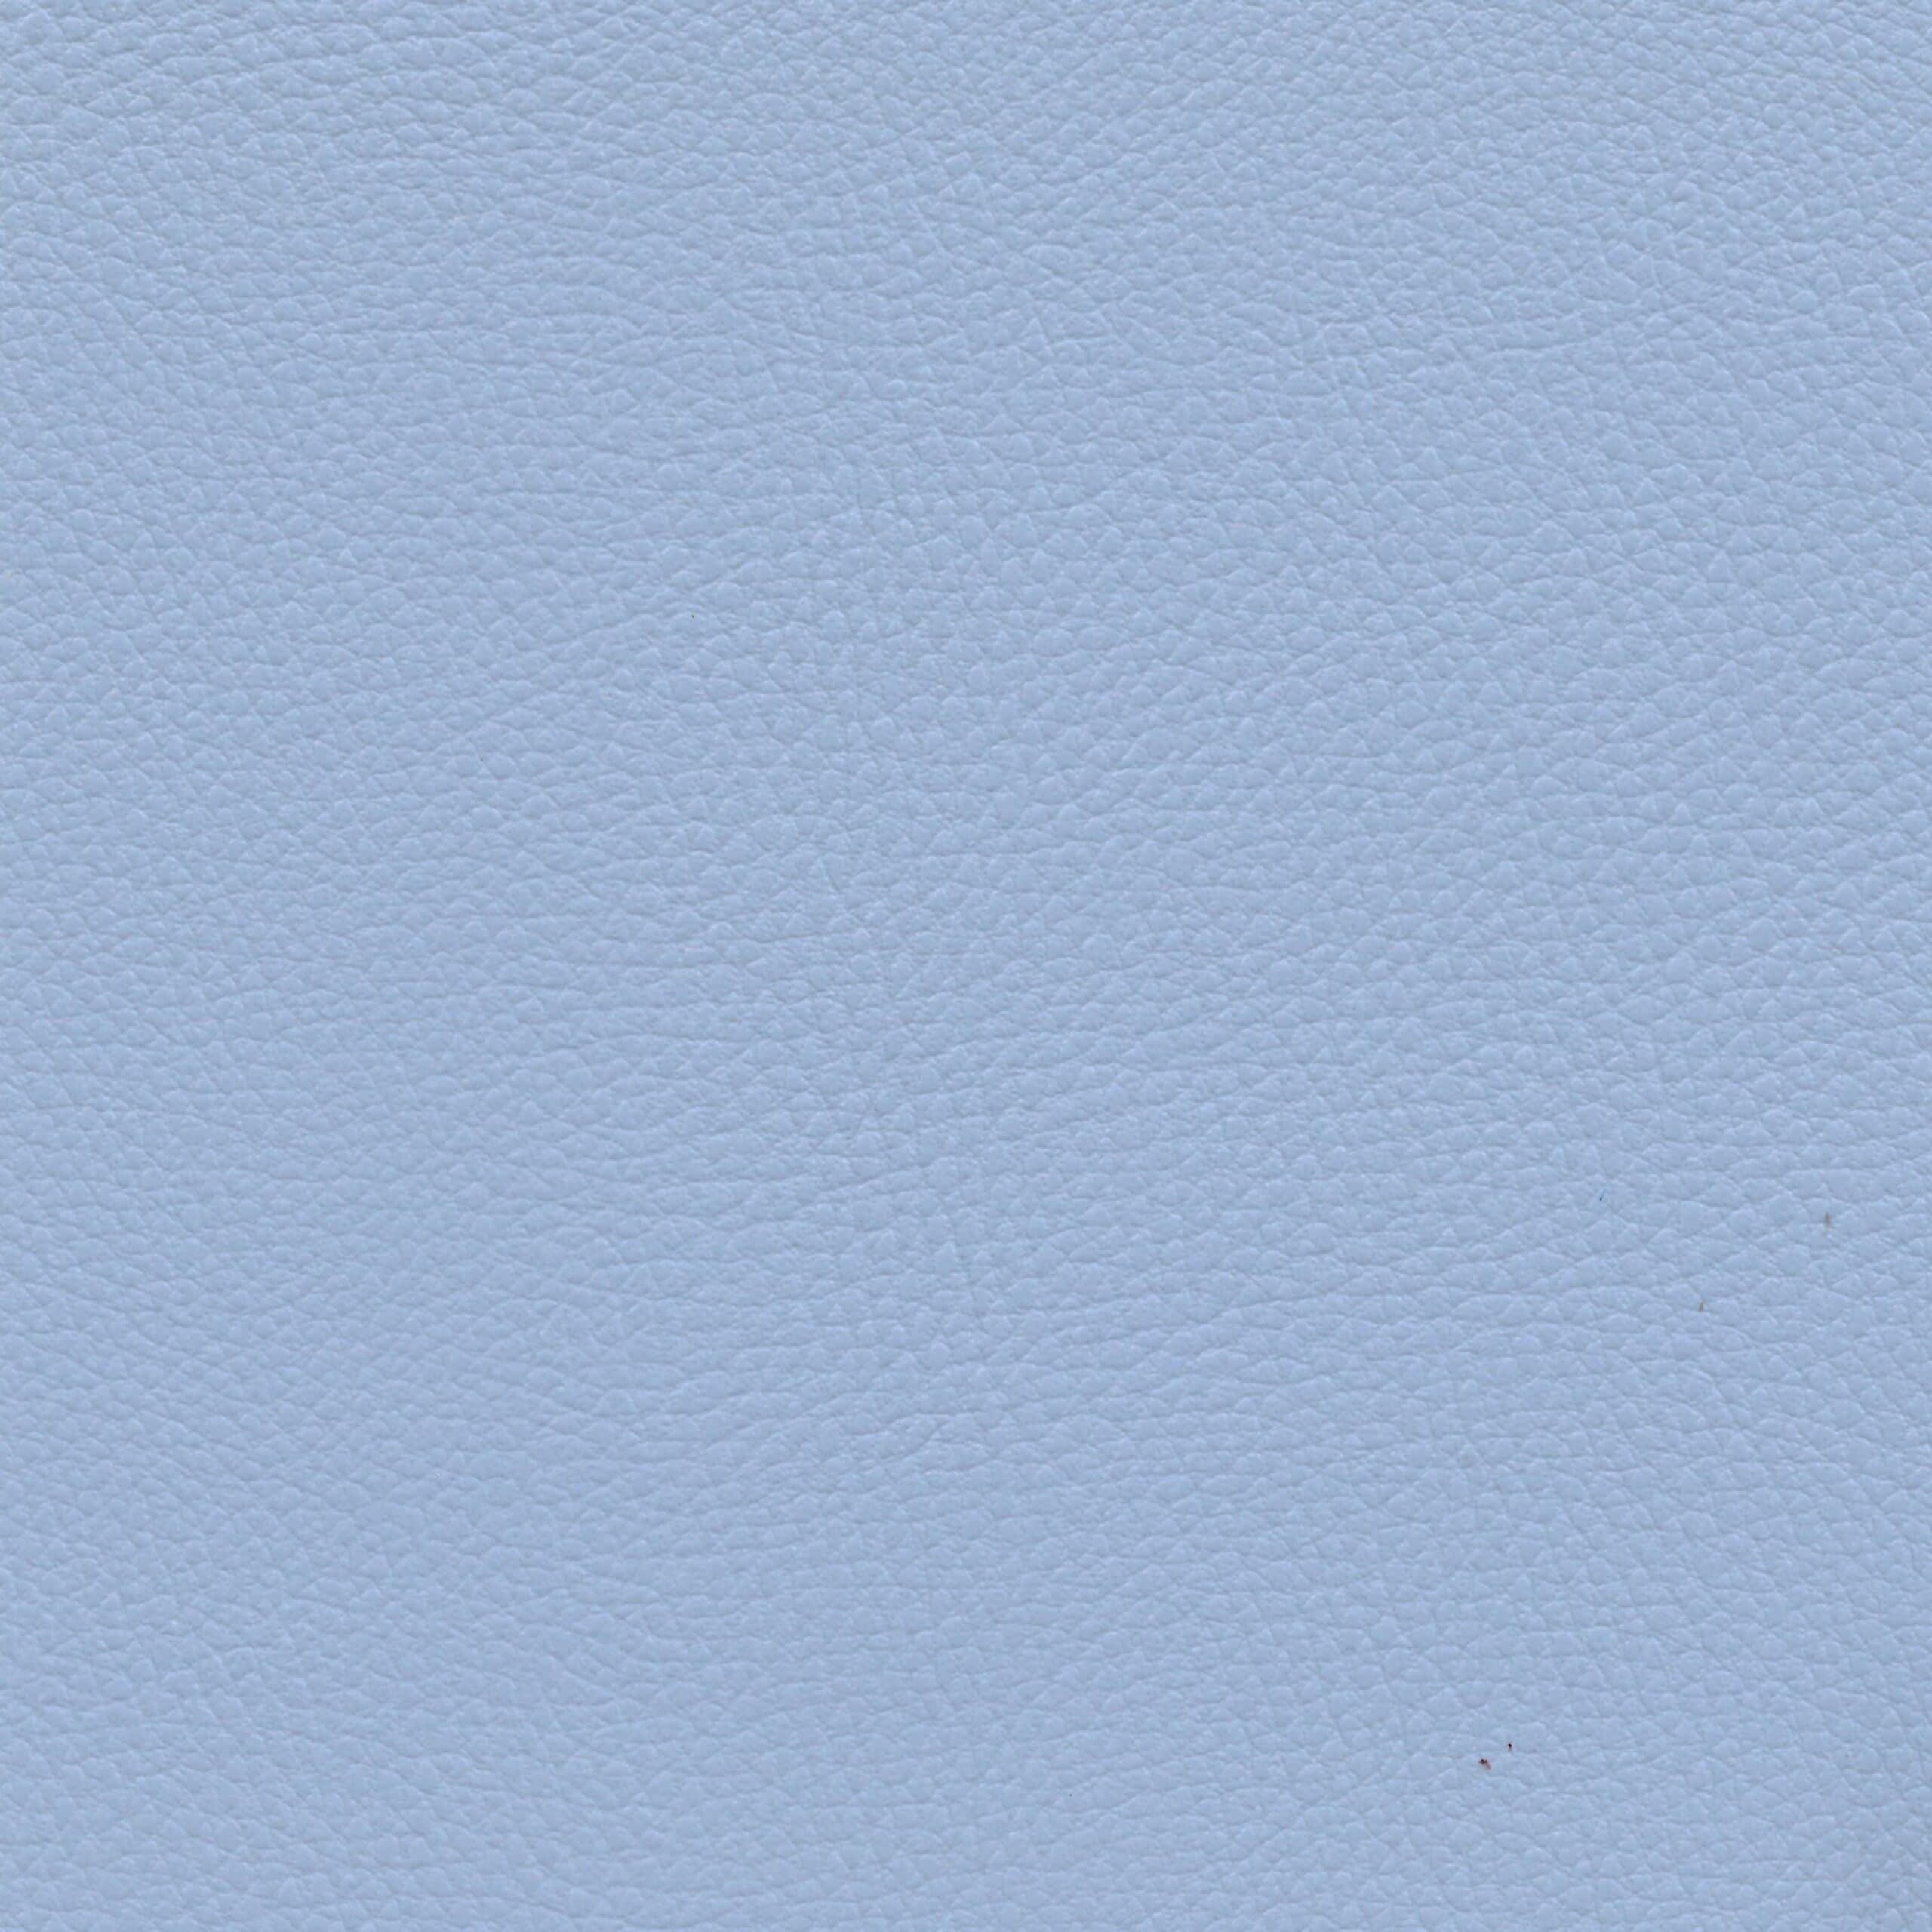 Ginkgo Maya Cotting / calme sophistique